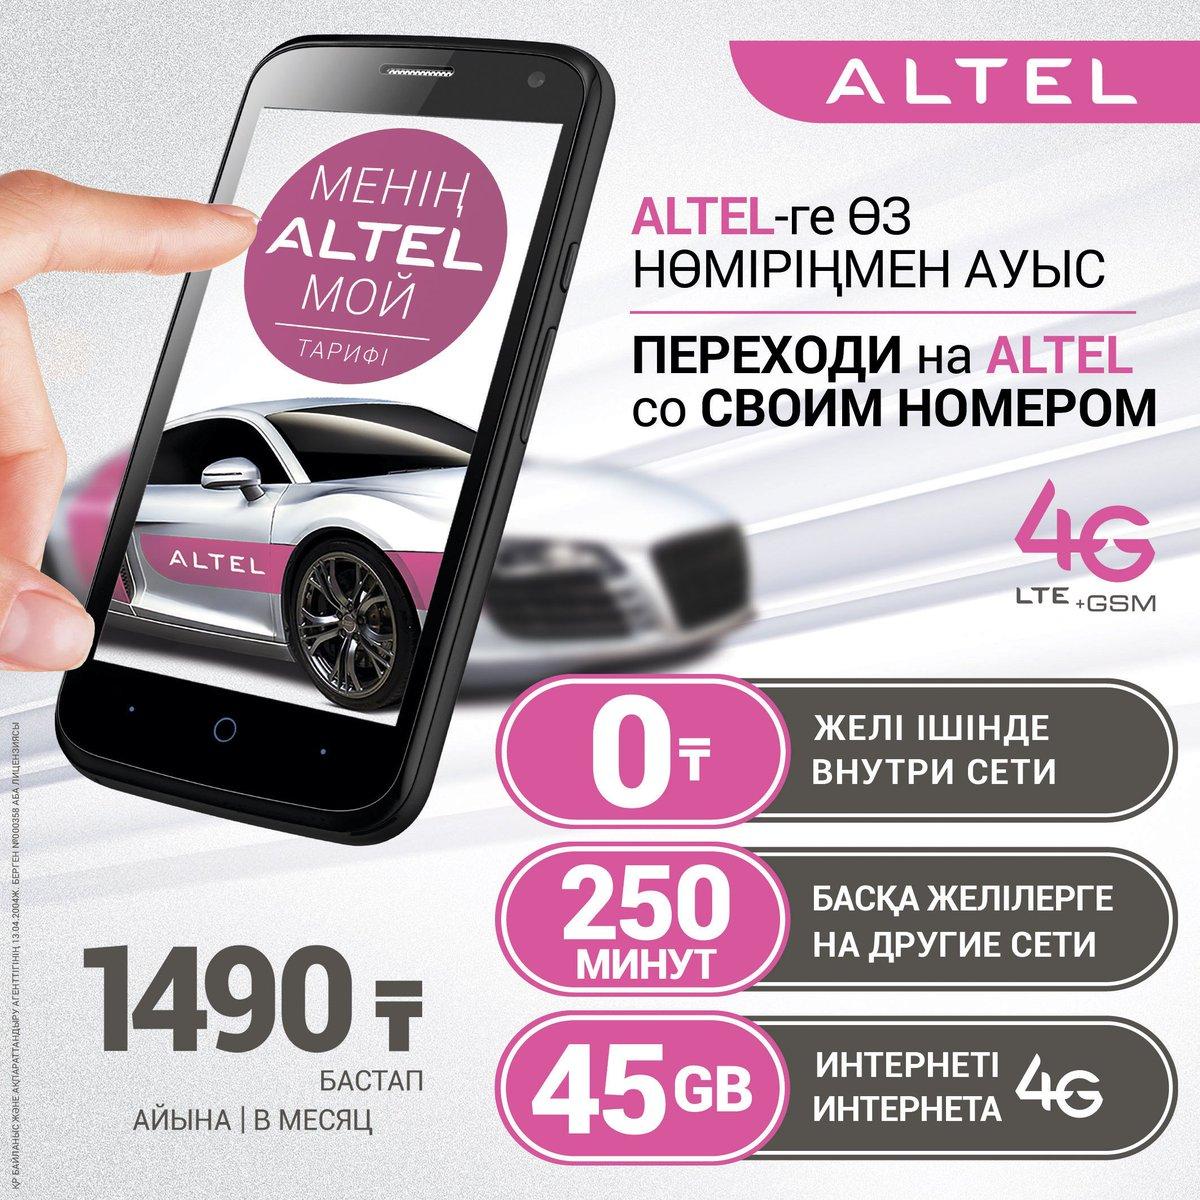 Www алтел 4g kz